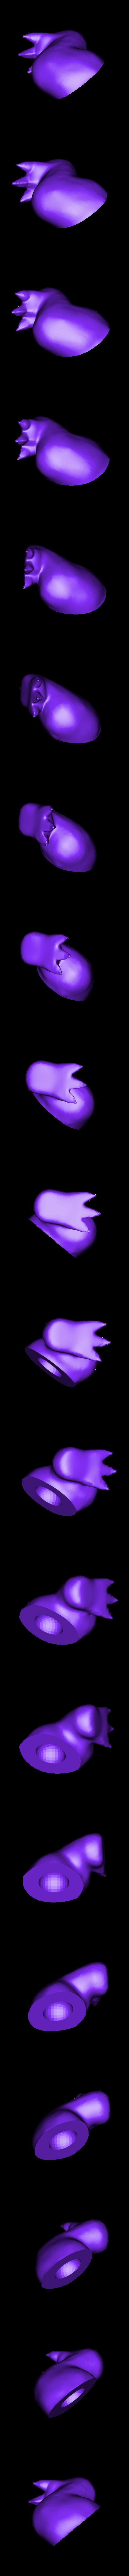 charizard_right_leg.stl Download free STL file Charizard • 3D print model, KerberosFi